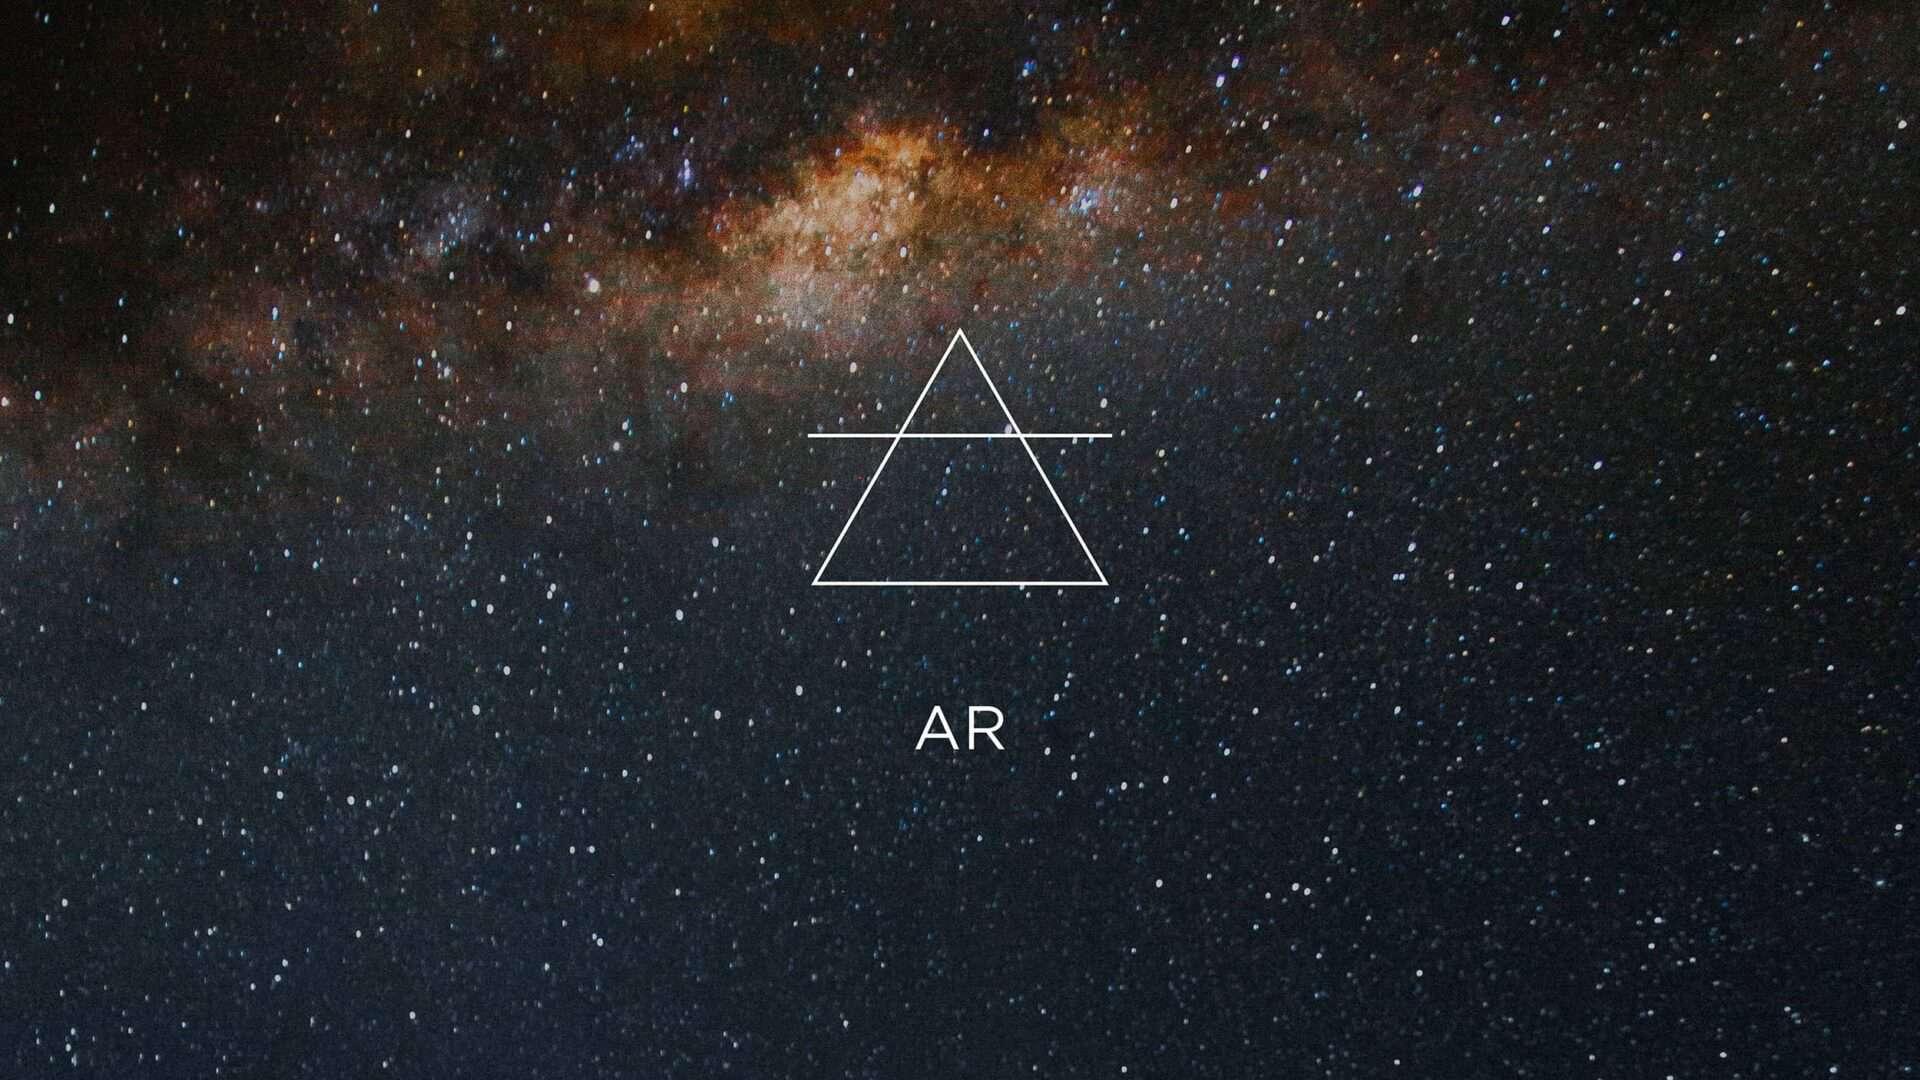 Céu estrelado do cosmos e o símbolo do elemento Ar